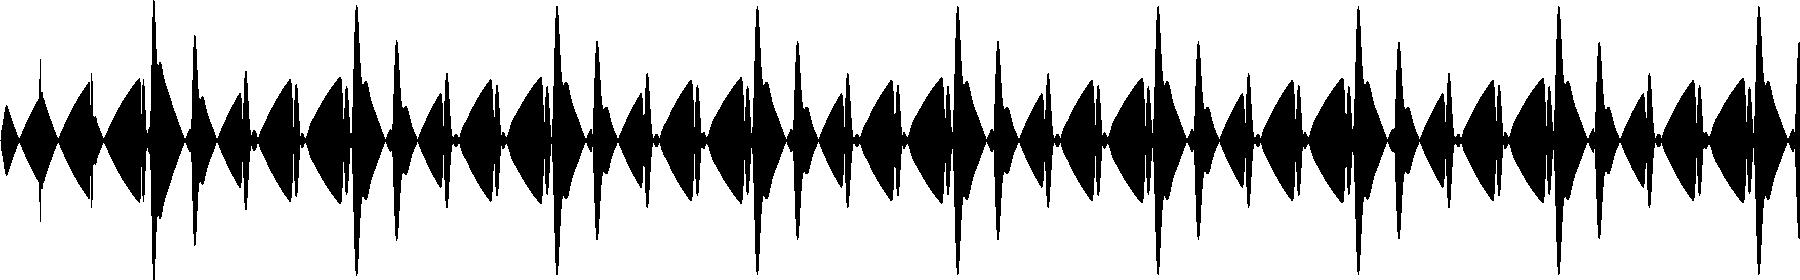 veh2 synths   007 c